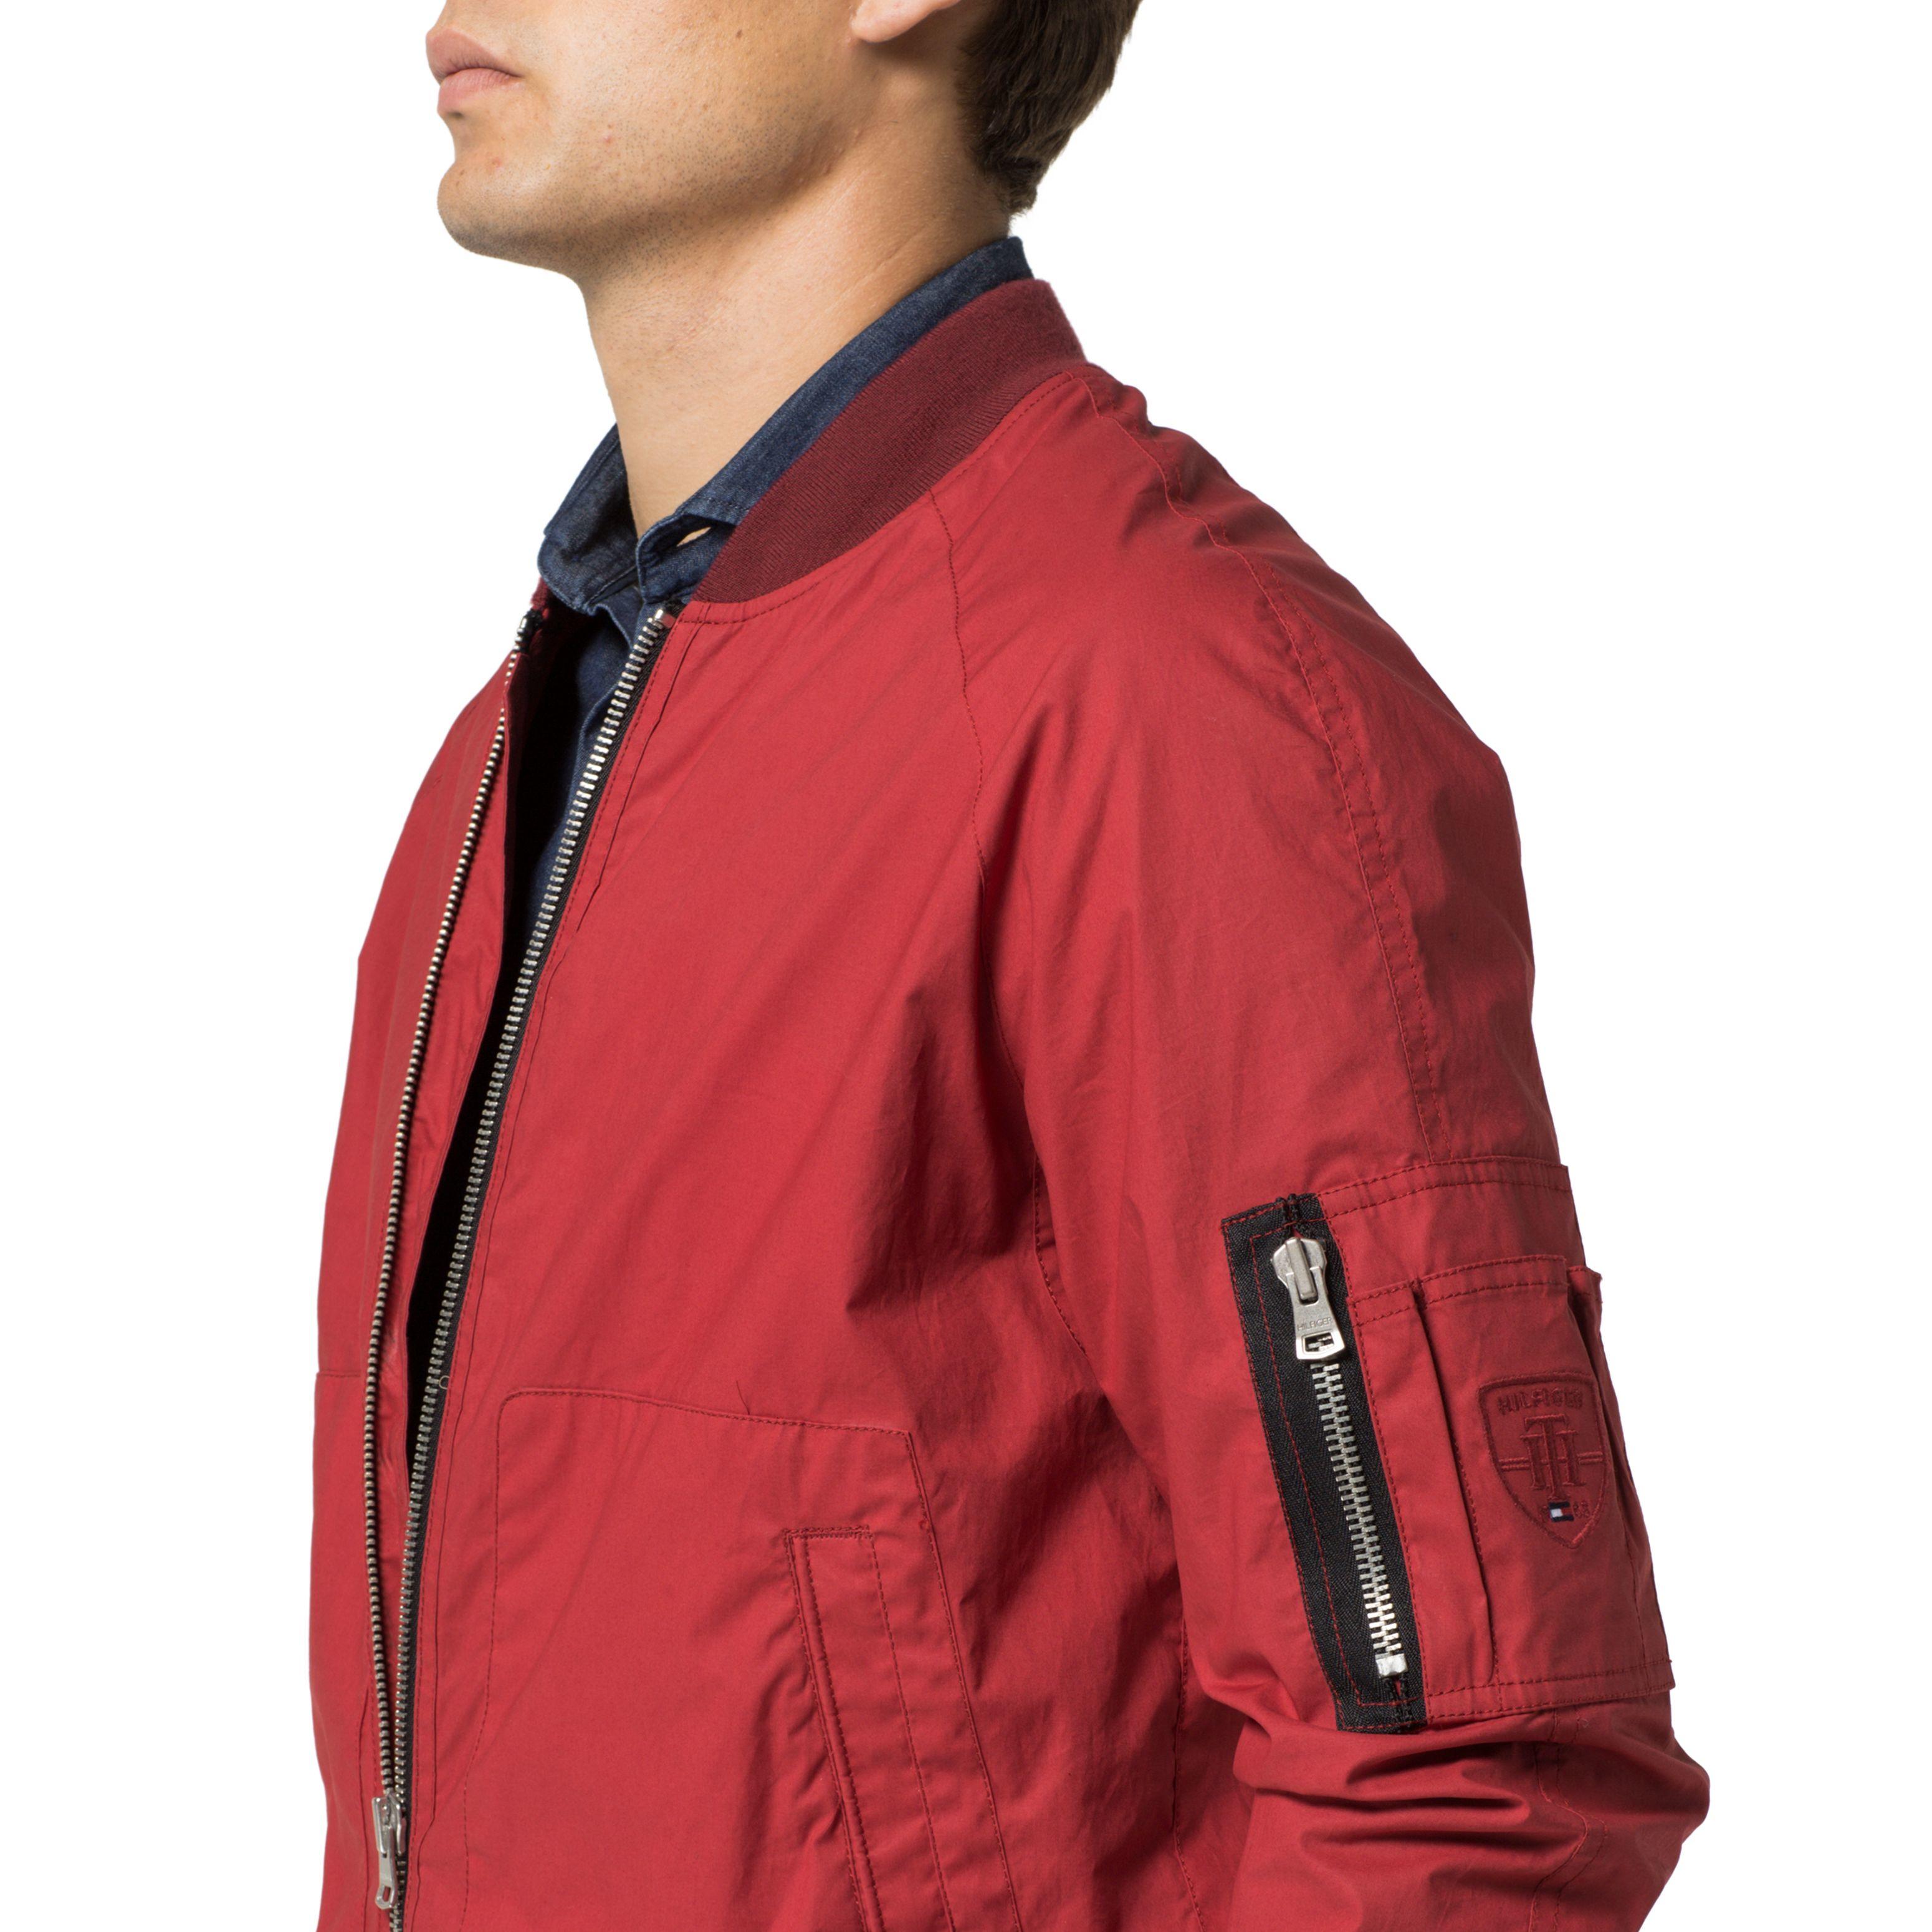 tommy hilfiger colton bomber jacket in red for men lyst. Black Bedroom Furniture Sets. Home Design Ideas